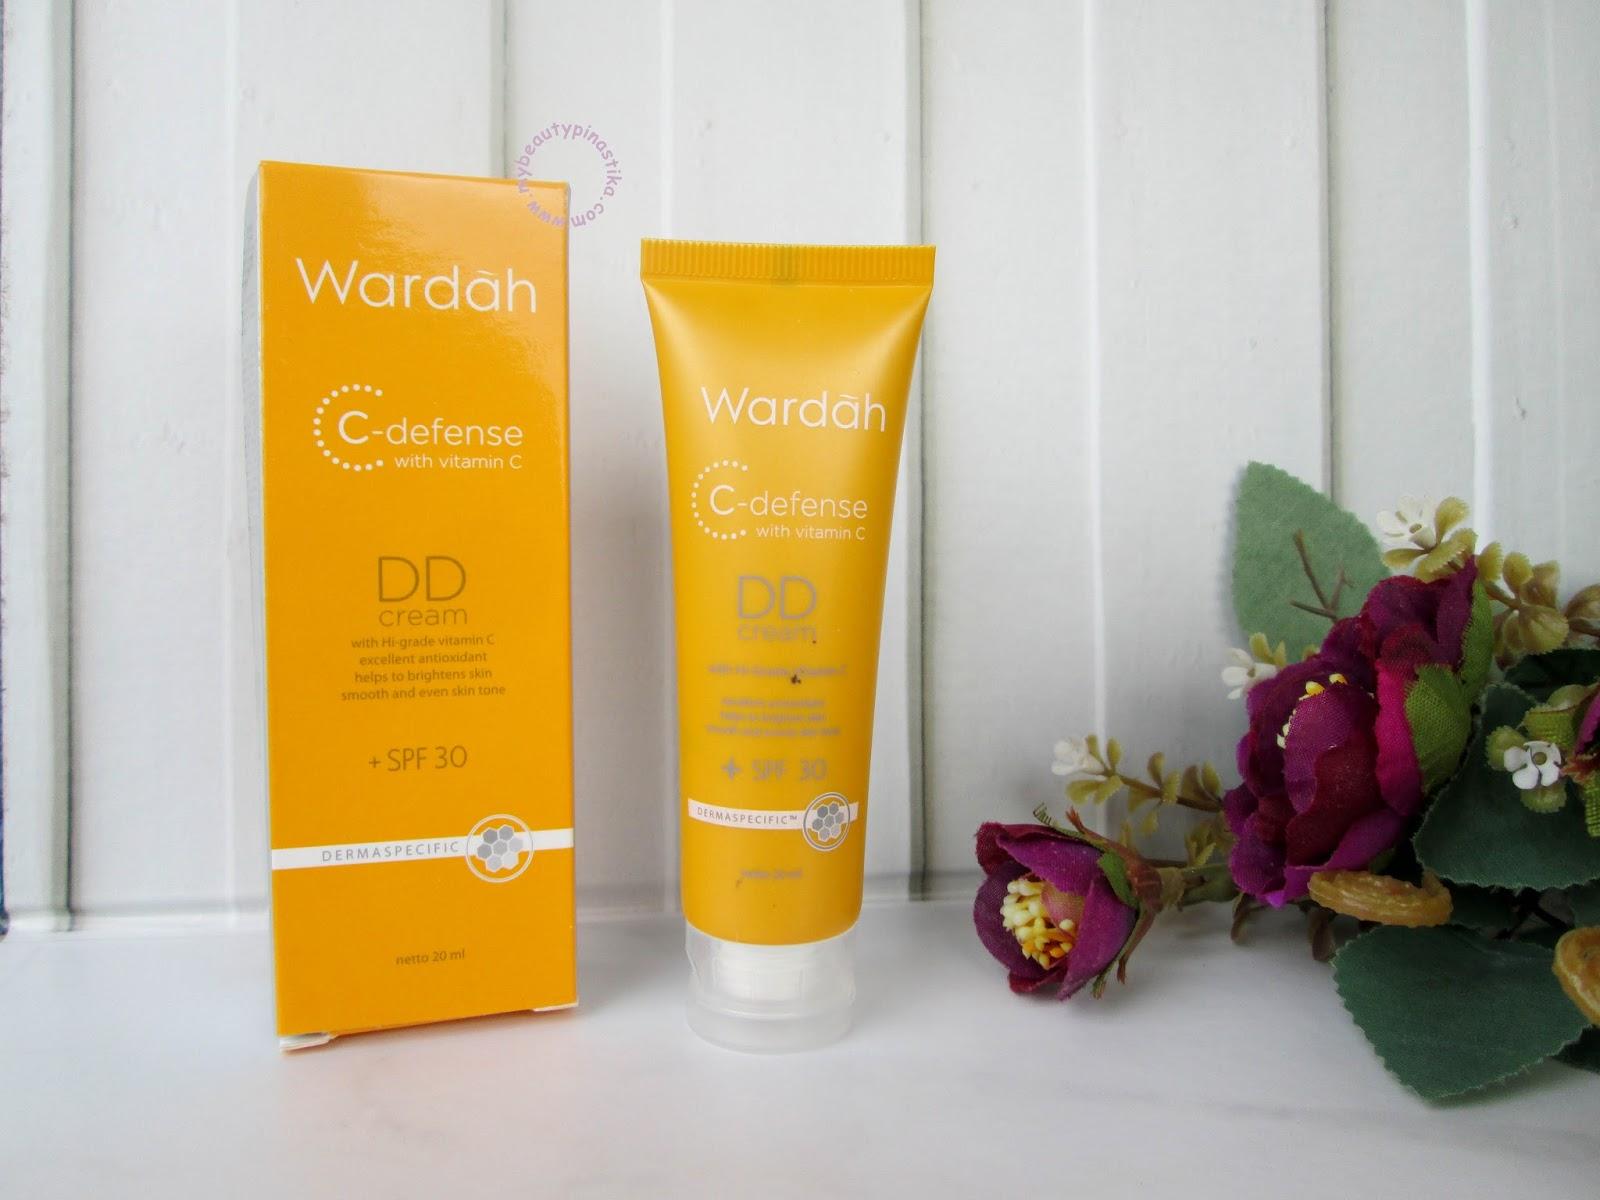 Pinastika Beauty Blog ♔: Wardah C-Defense DD Cream - Light